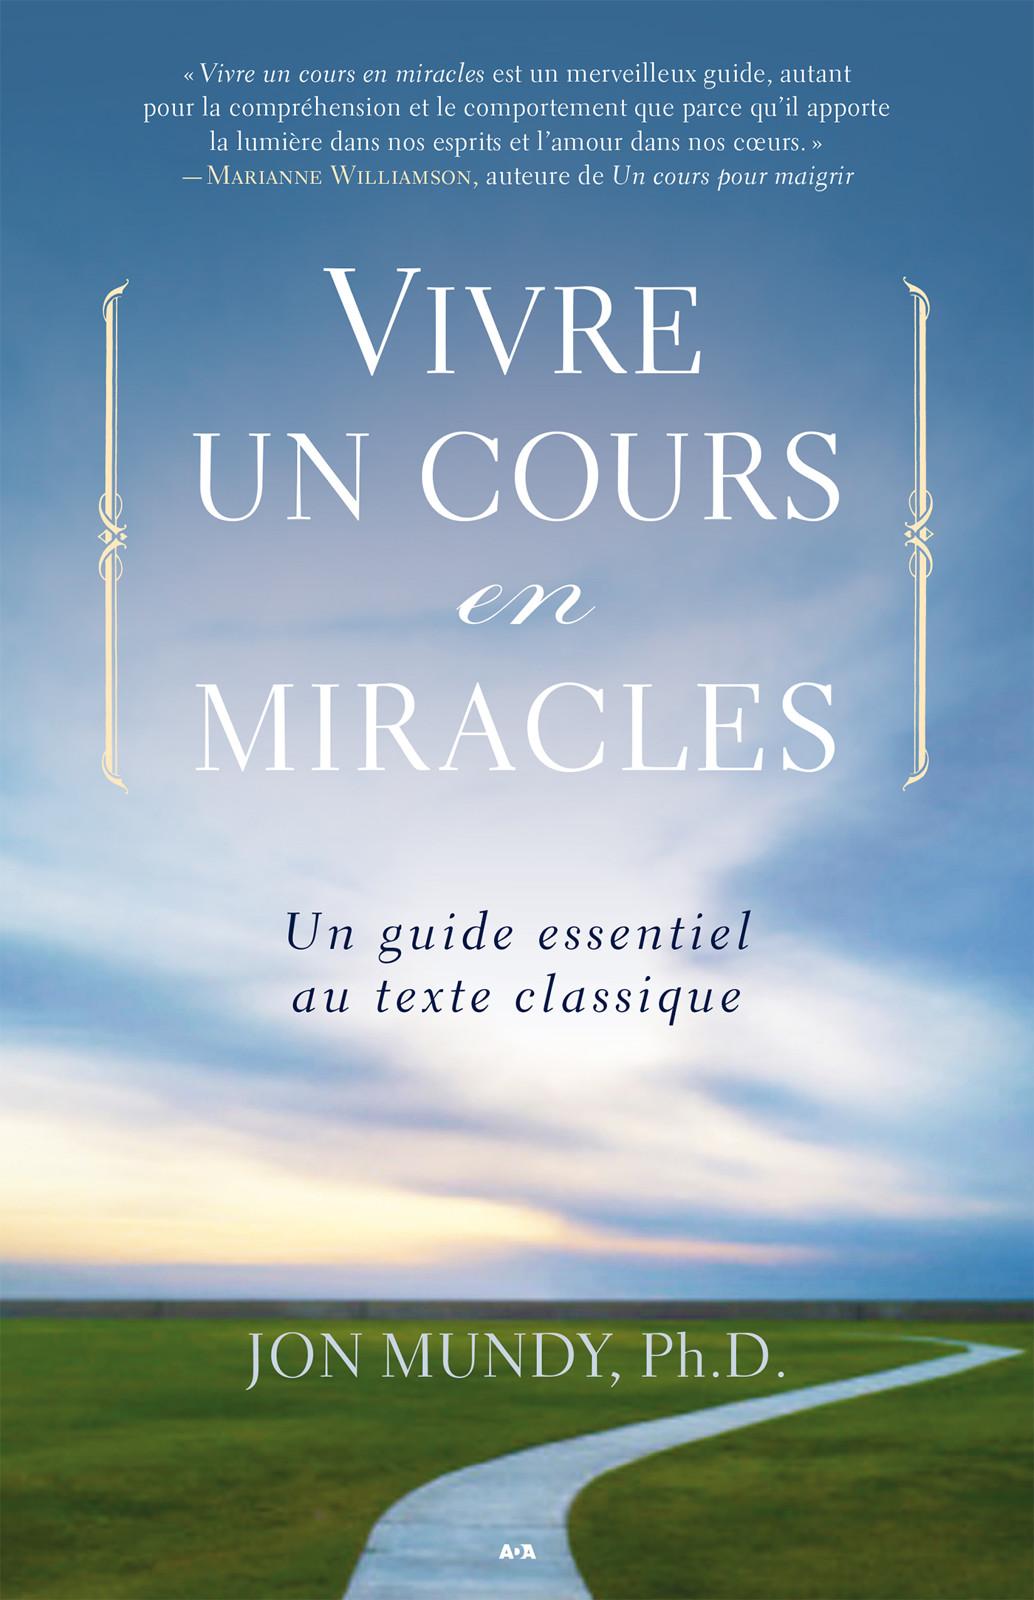 Vivre un cours en miracles, Un guide essentiel au texte classique